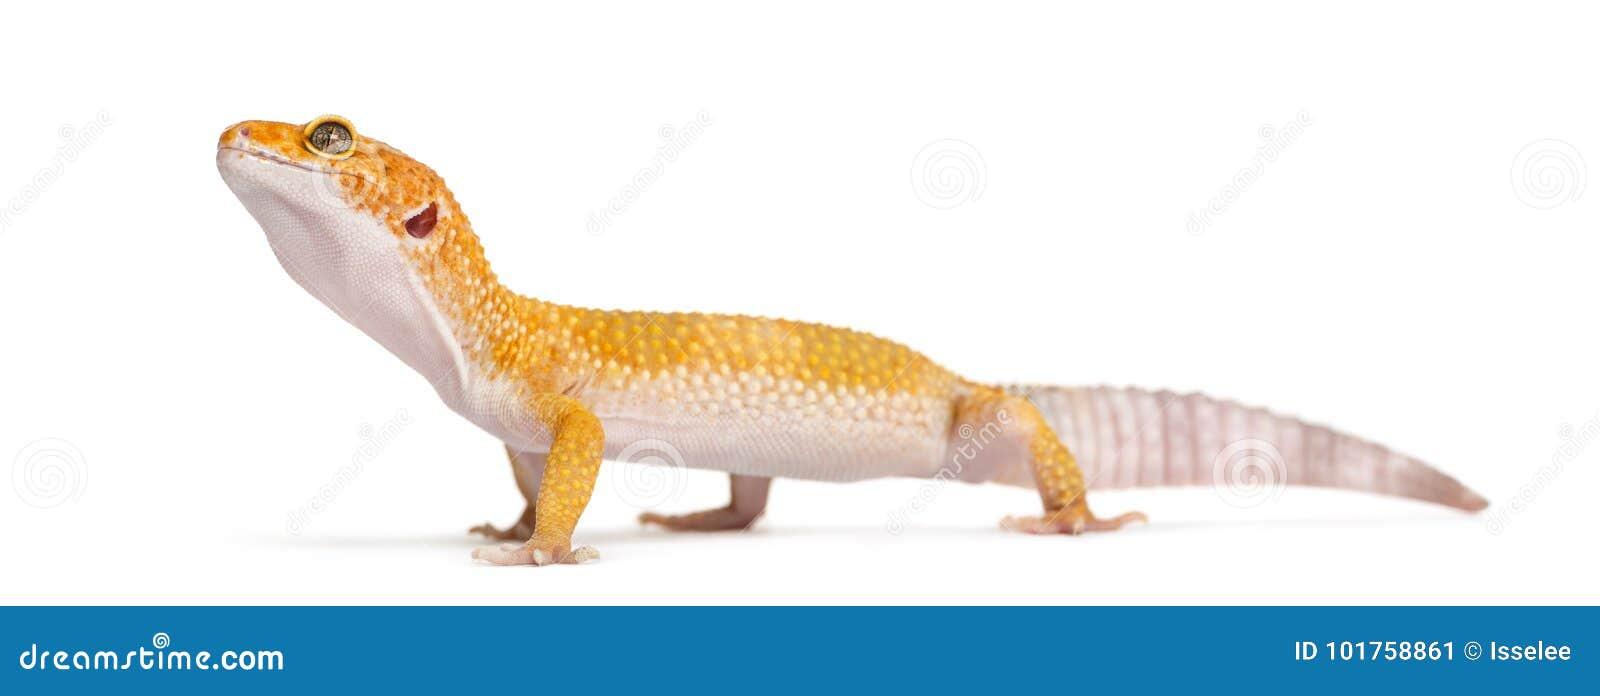 Position de gecko de léopard,